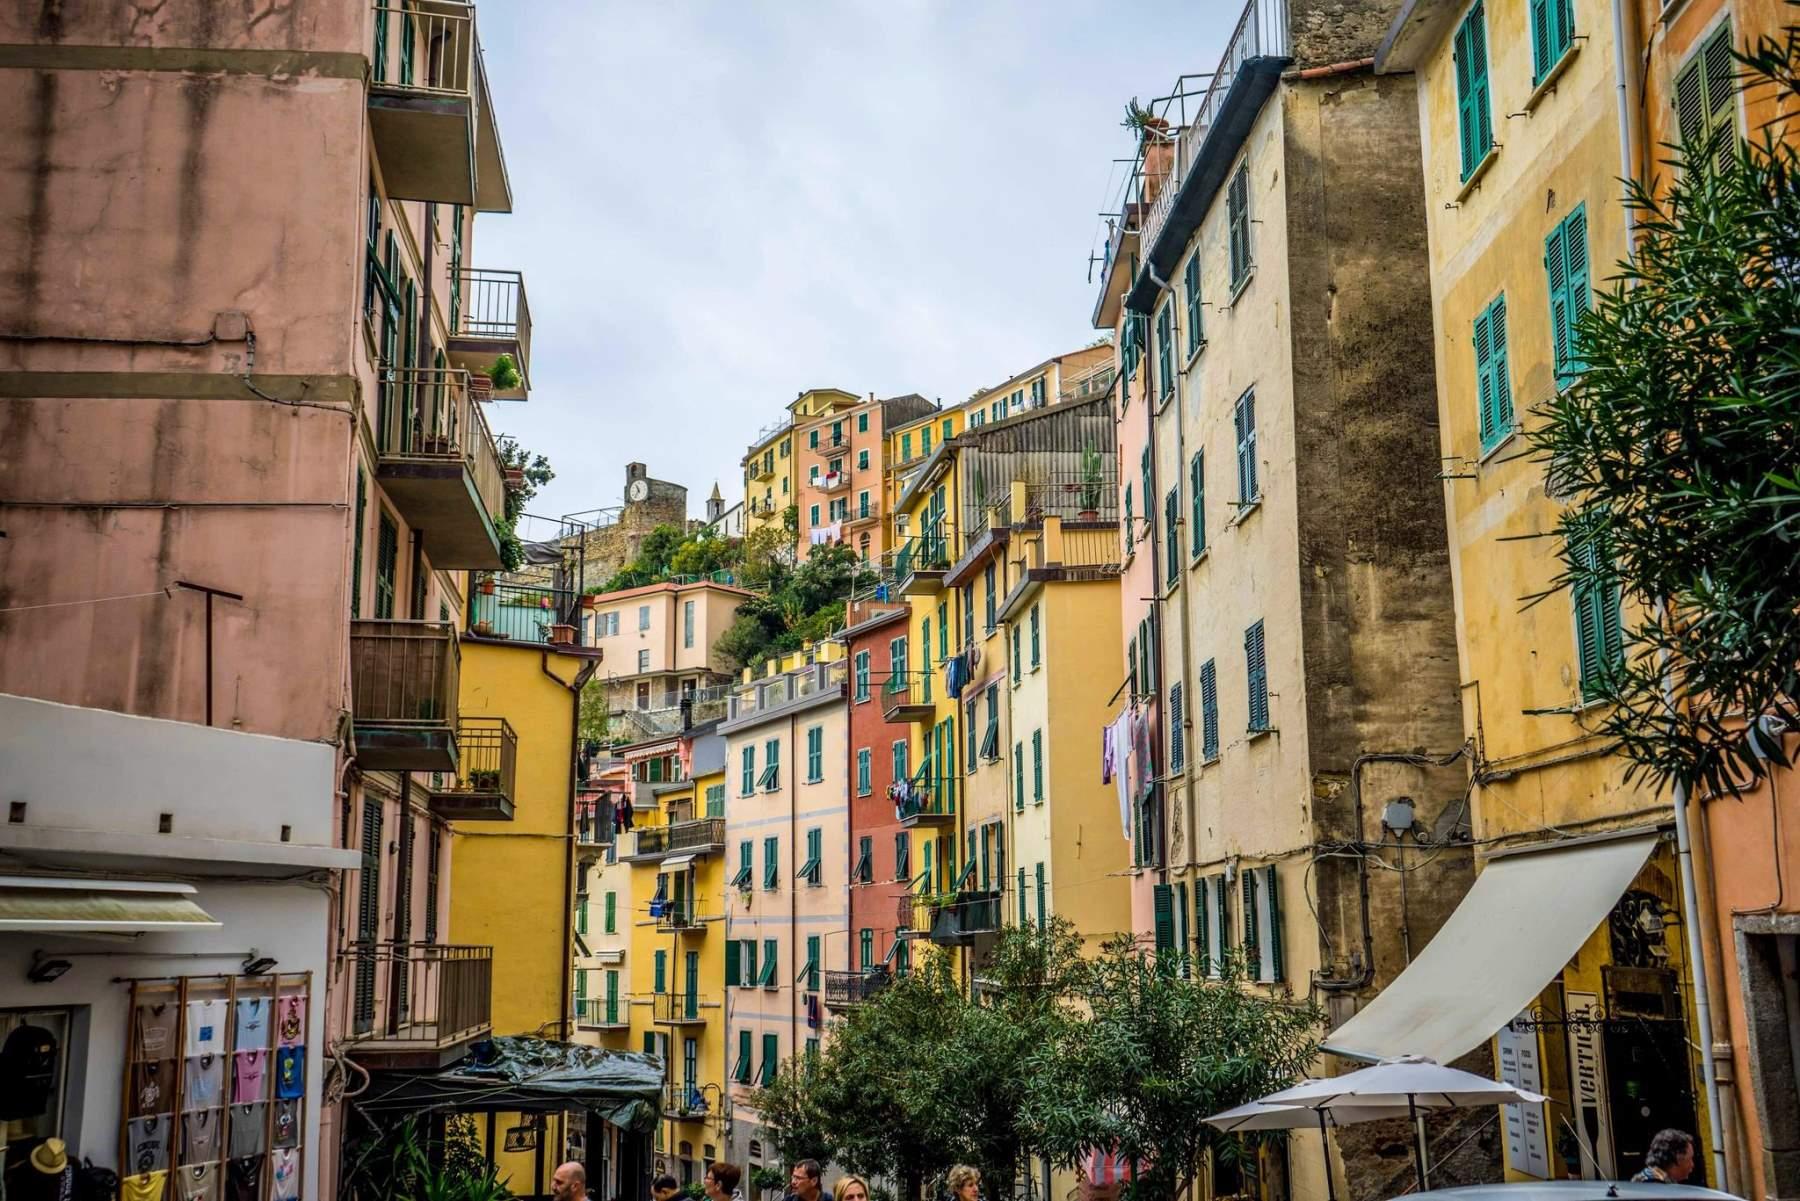 De Bedste Rejsemål i Italien - Rejs Dig Lykkelig